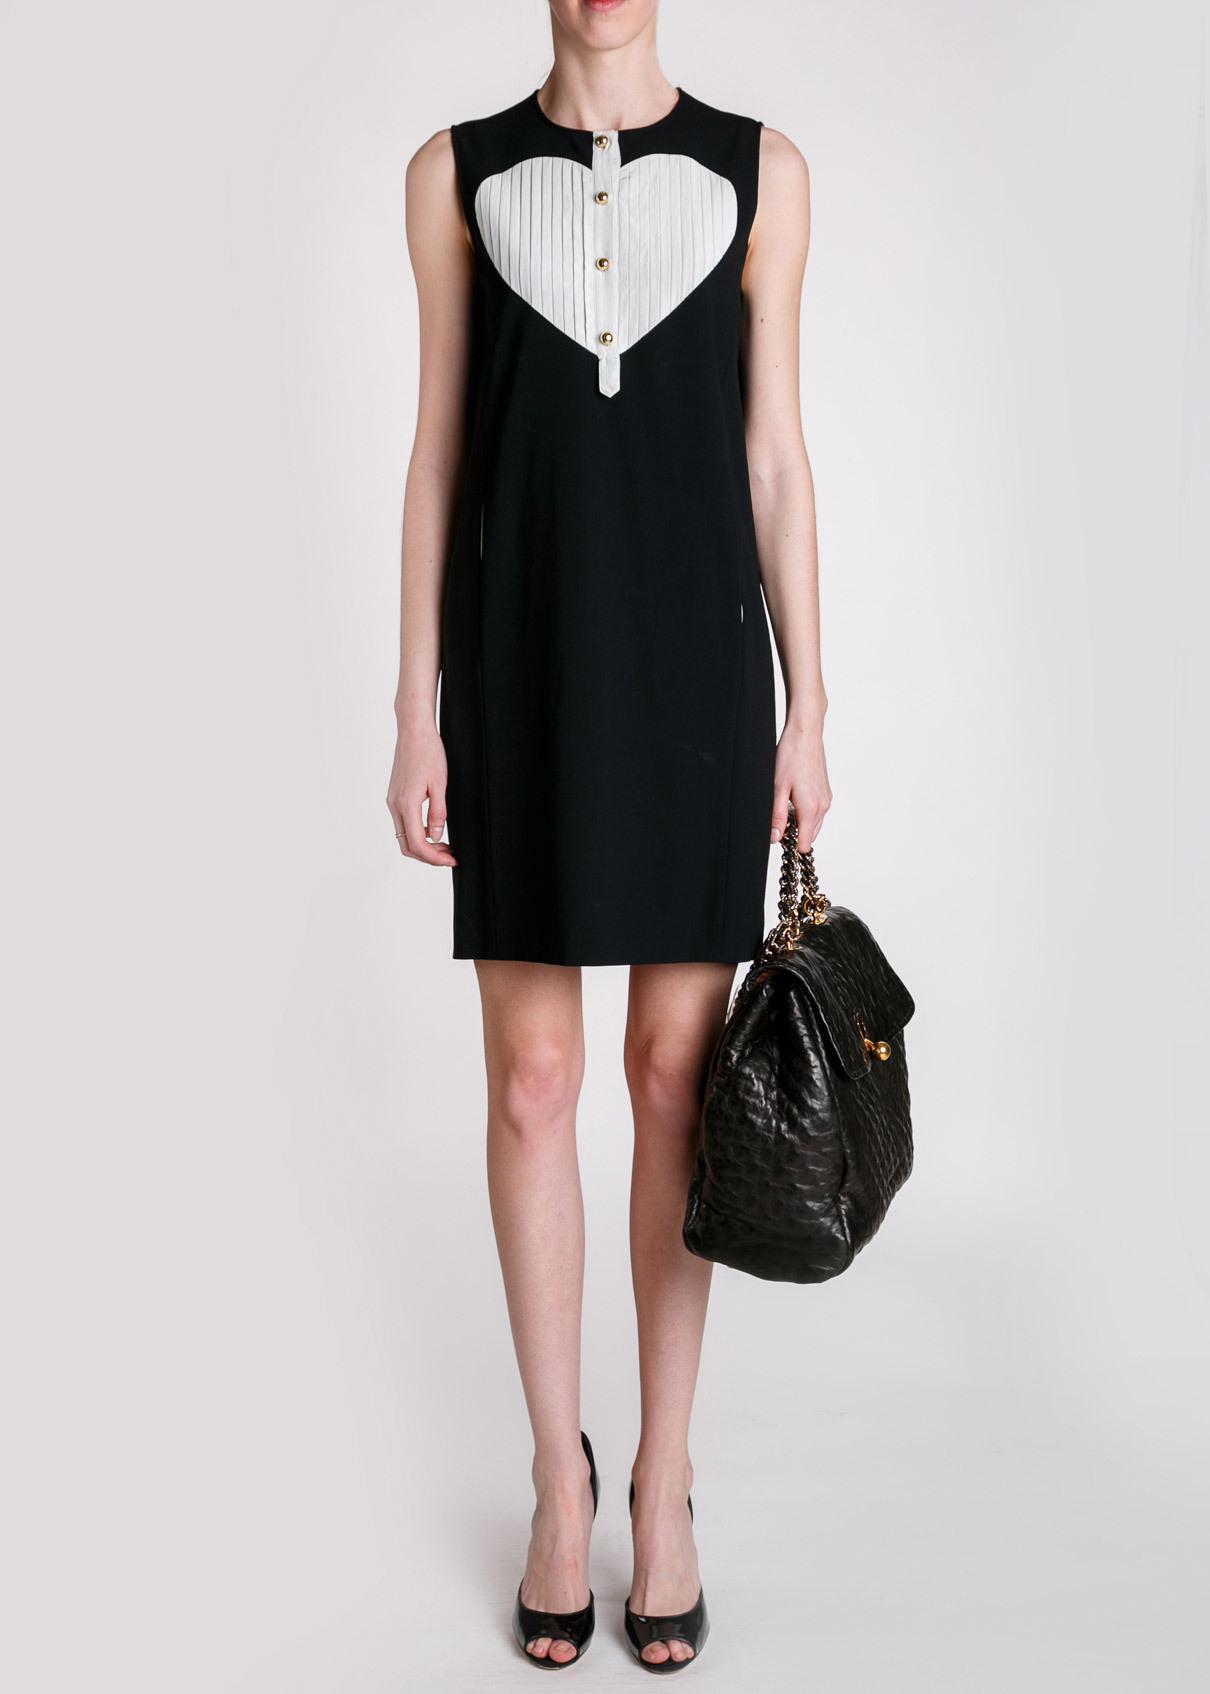 Посмотреть платья с доставкой